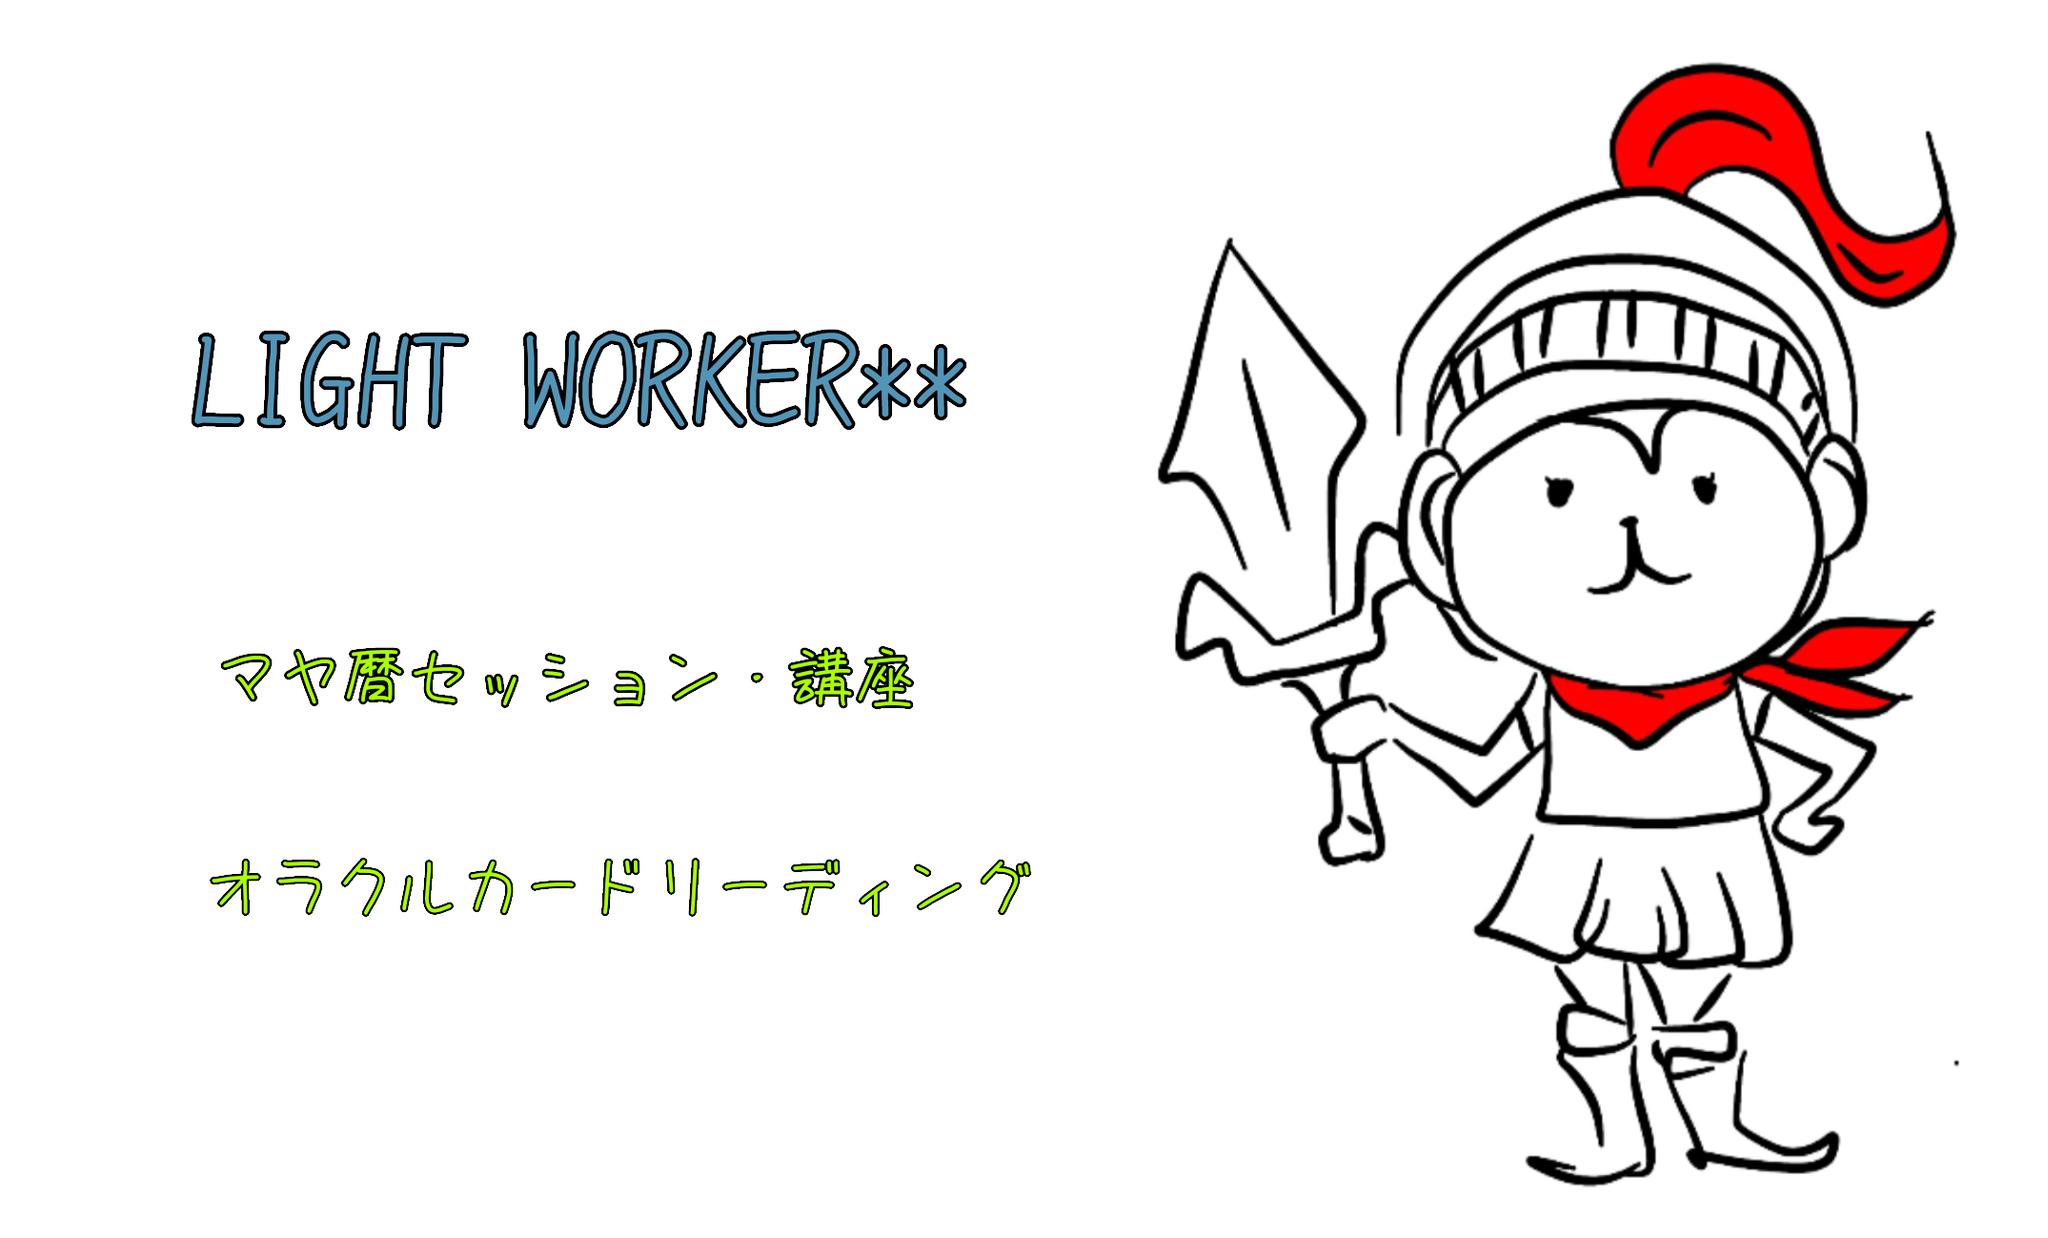 LIGHT WORKER**